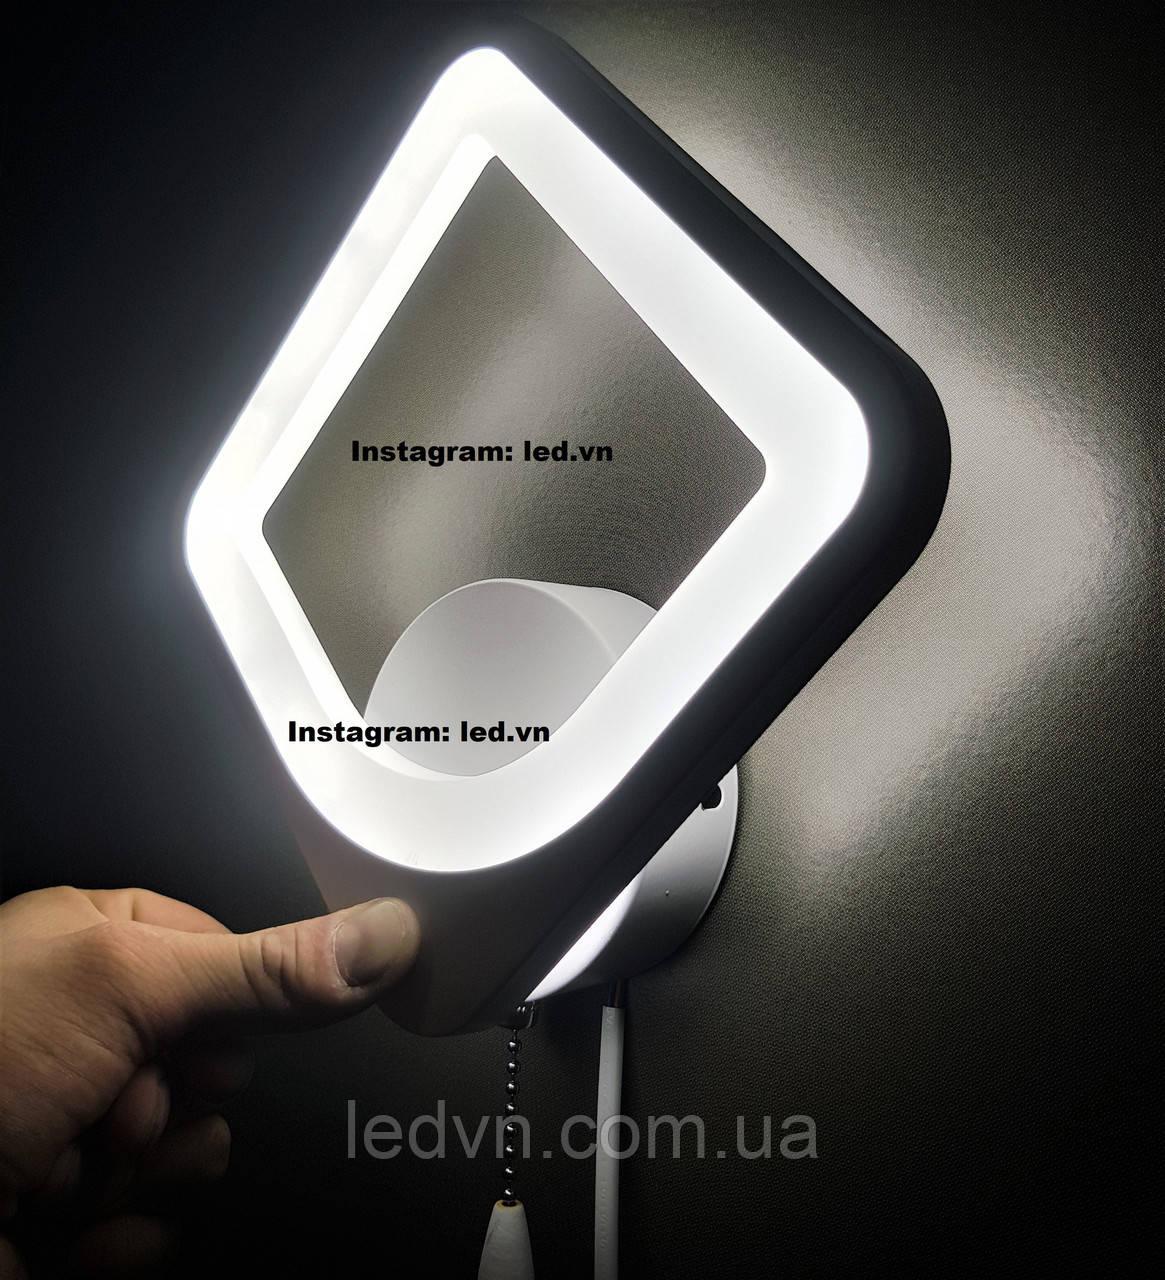 Сучасне світлодіодне бра led білий квадрат